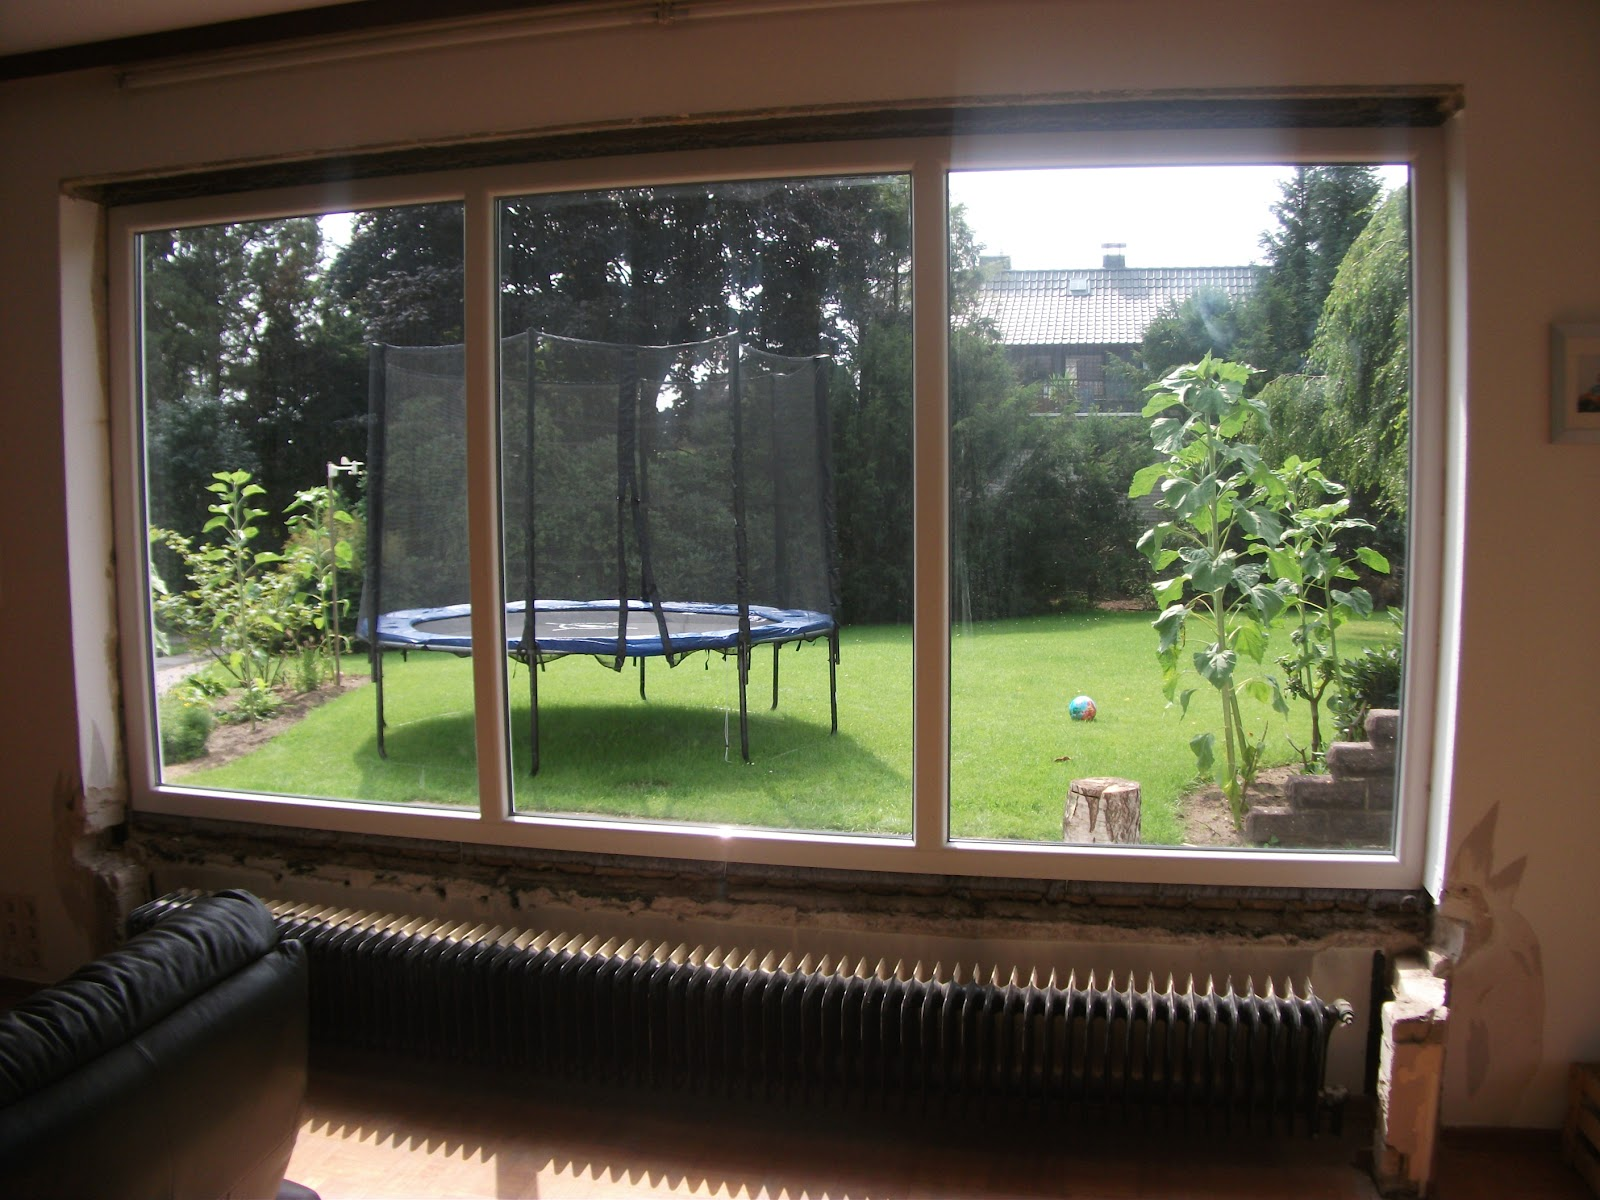 Projekt: Neues Wohnzimmerfenster.... Verspachteln Und Fensterbank Macht  Benny.